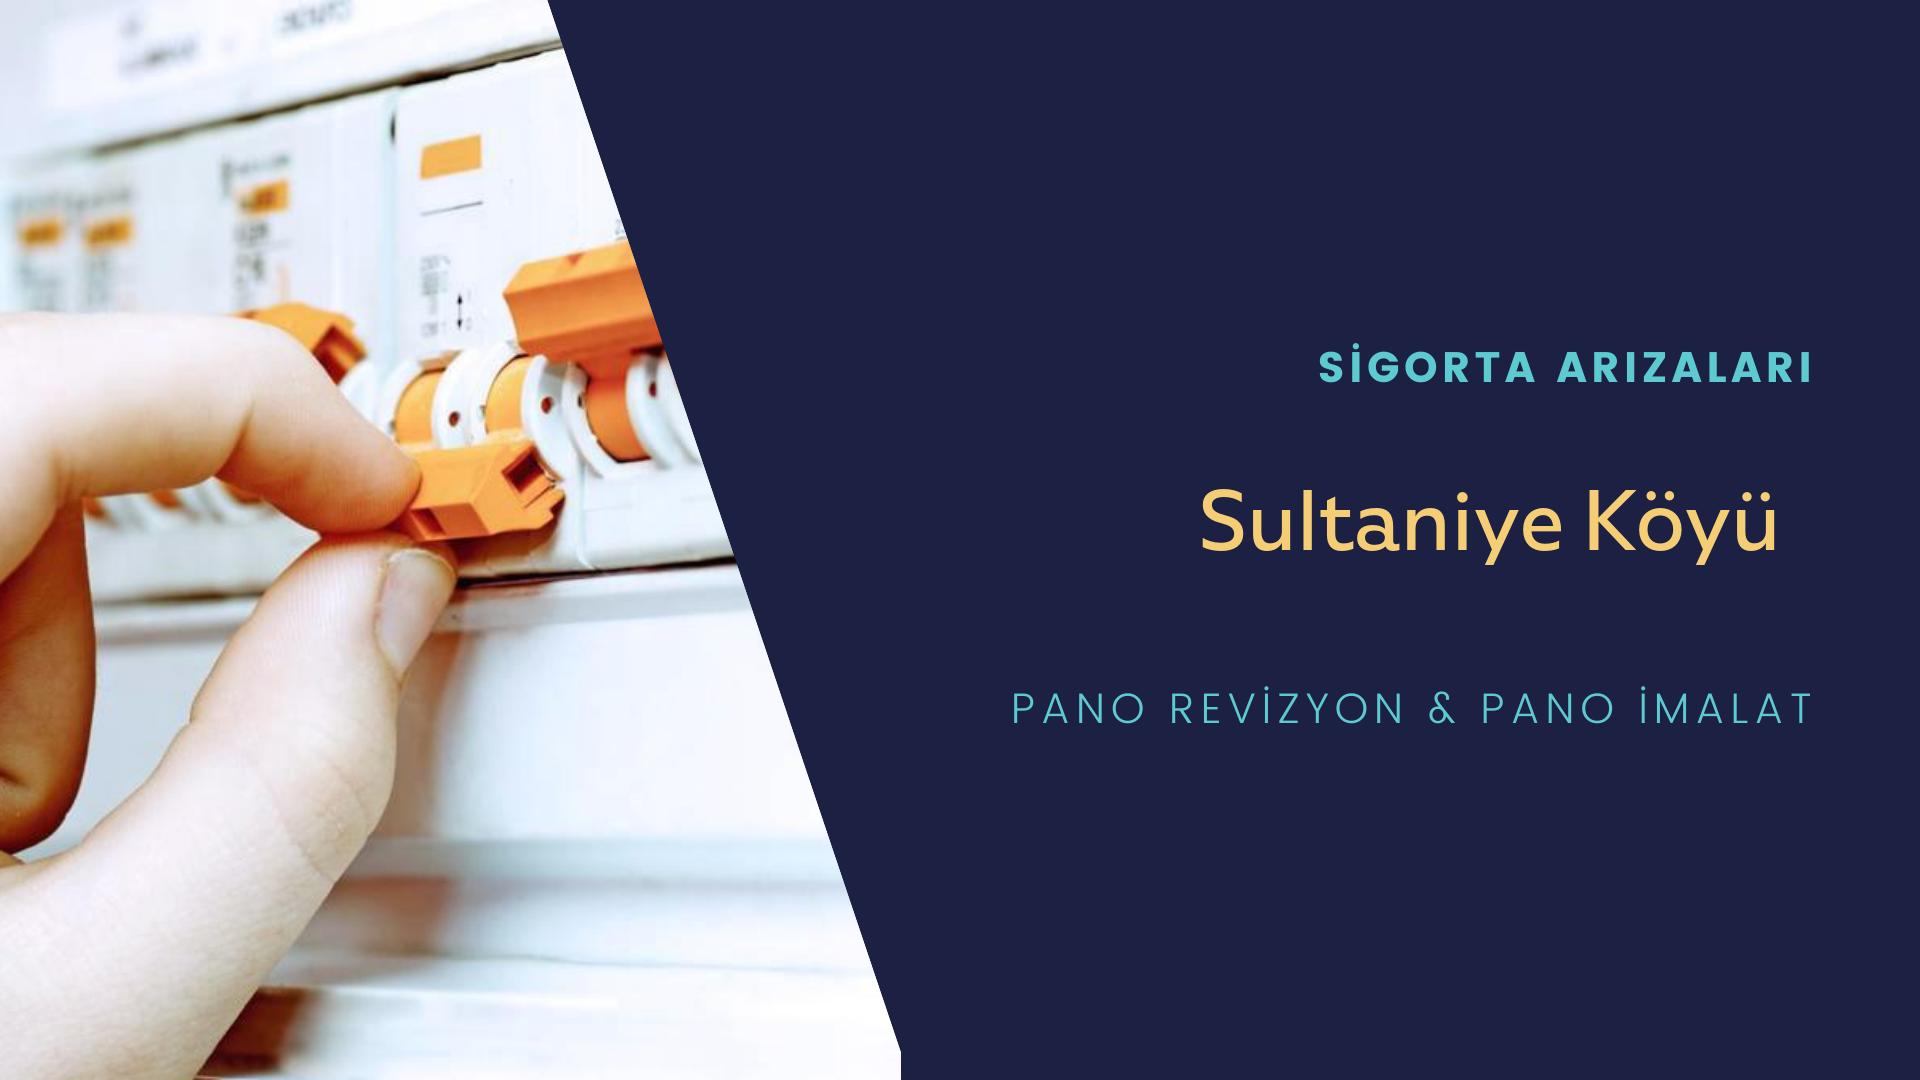 Sultaniye Köyü Sigorta Arızaları İçin Profesyonel Elektrikçi ustalarımızı dilediğiniz zaman arayabilir talepte bulunabilirsiniz.